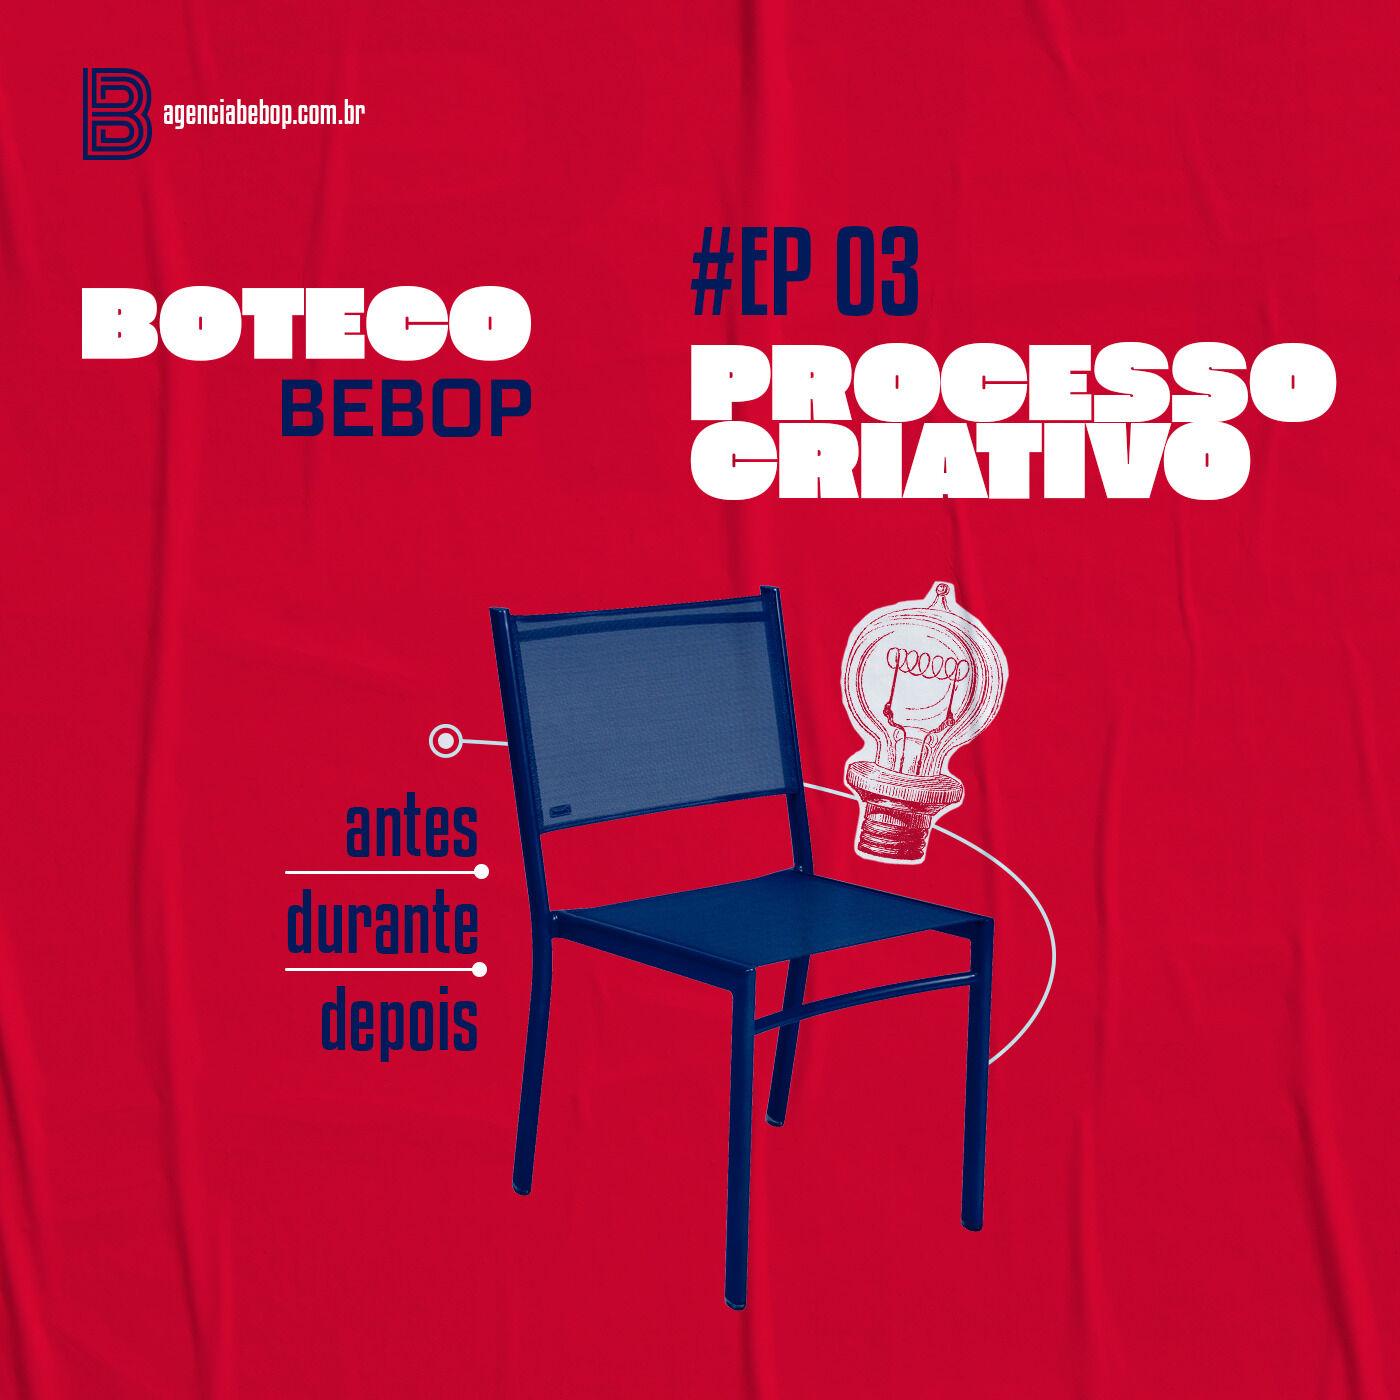 #EP 03 - Boteco Bebop | Processo Criativo